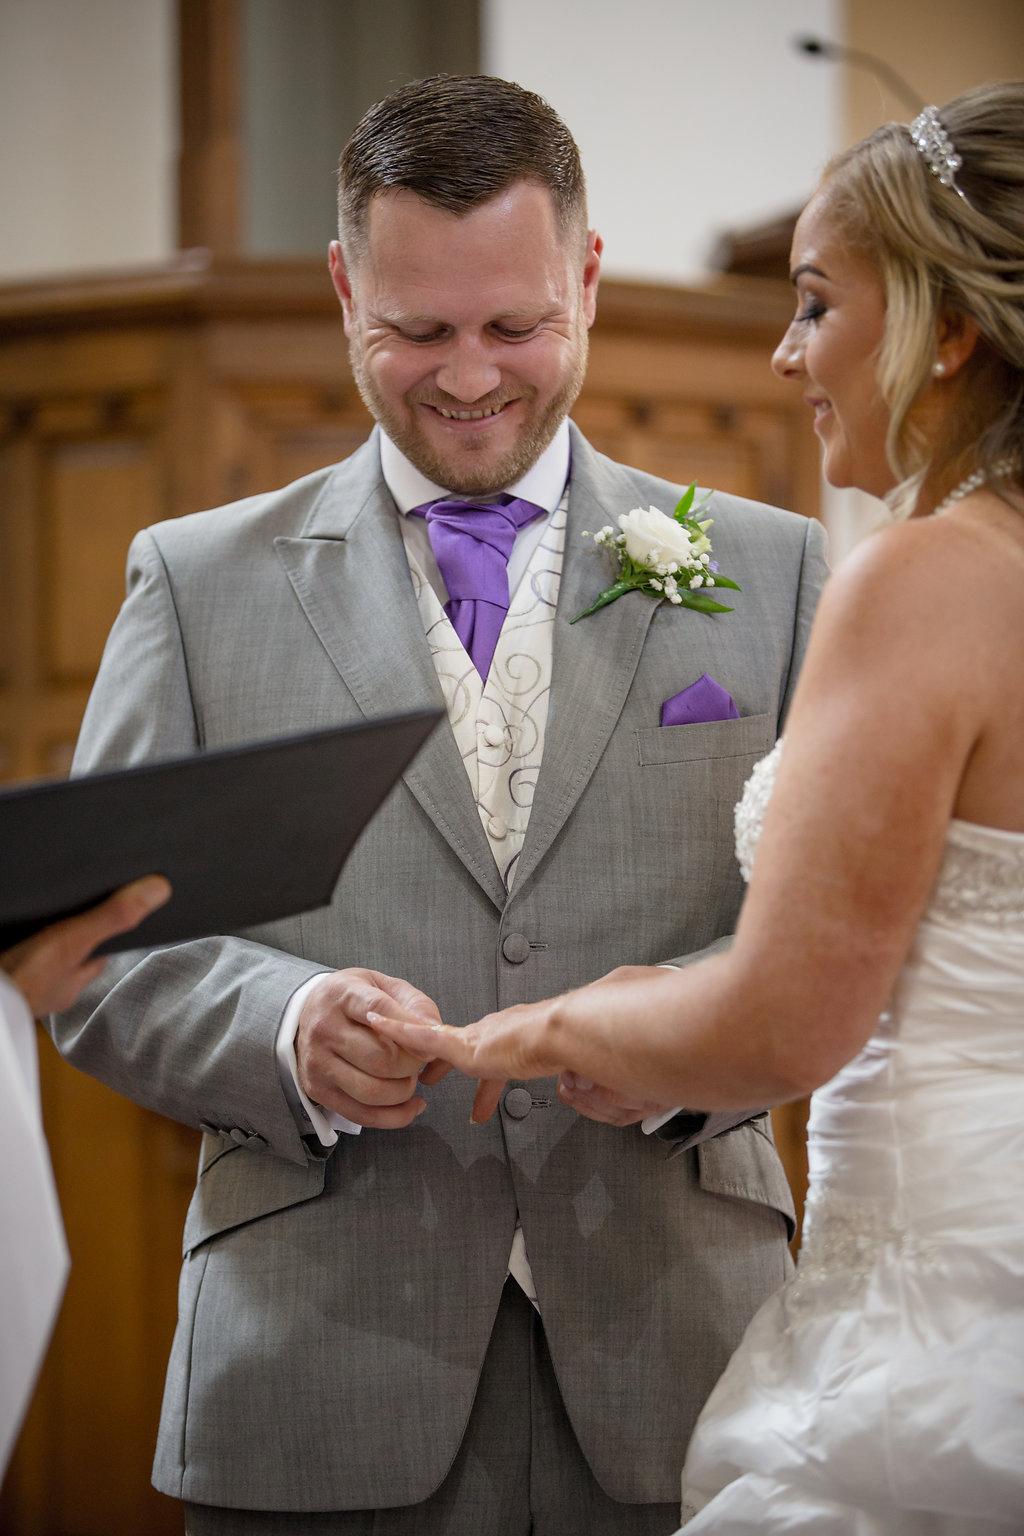 Female-wedding-photographer-cardiff-new-house-hotel-cardiff-natalia-smith-photography-19.jpg